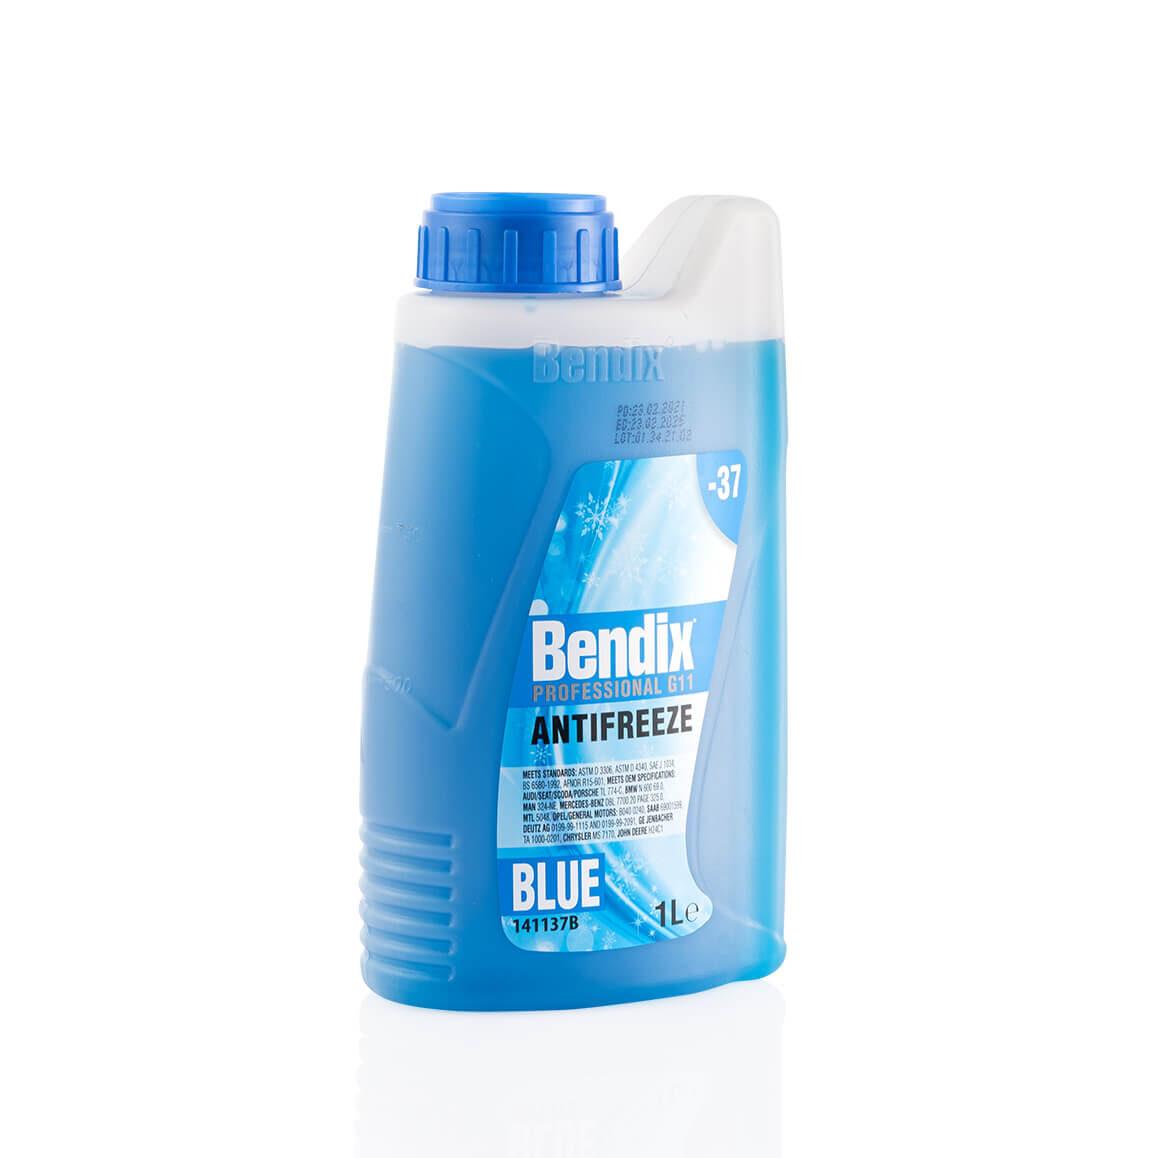 Bendix G11 Antifreeze -37 1L